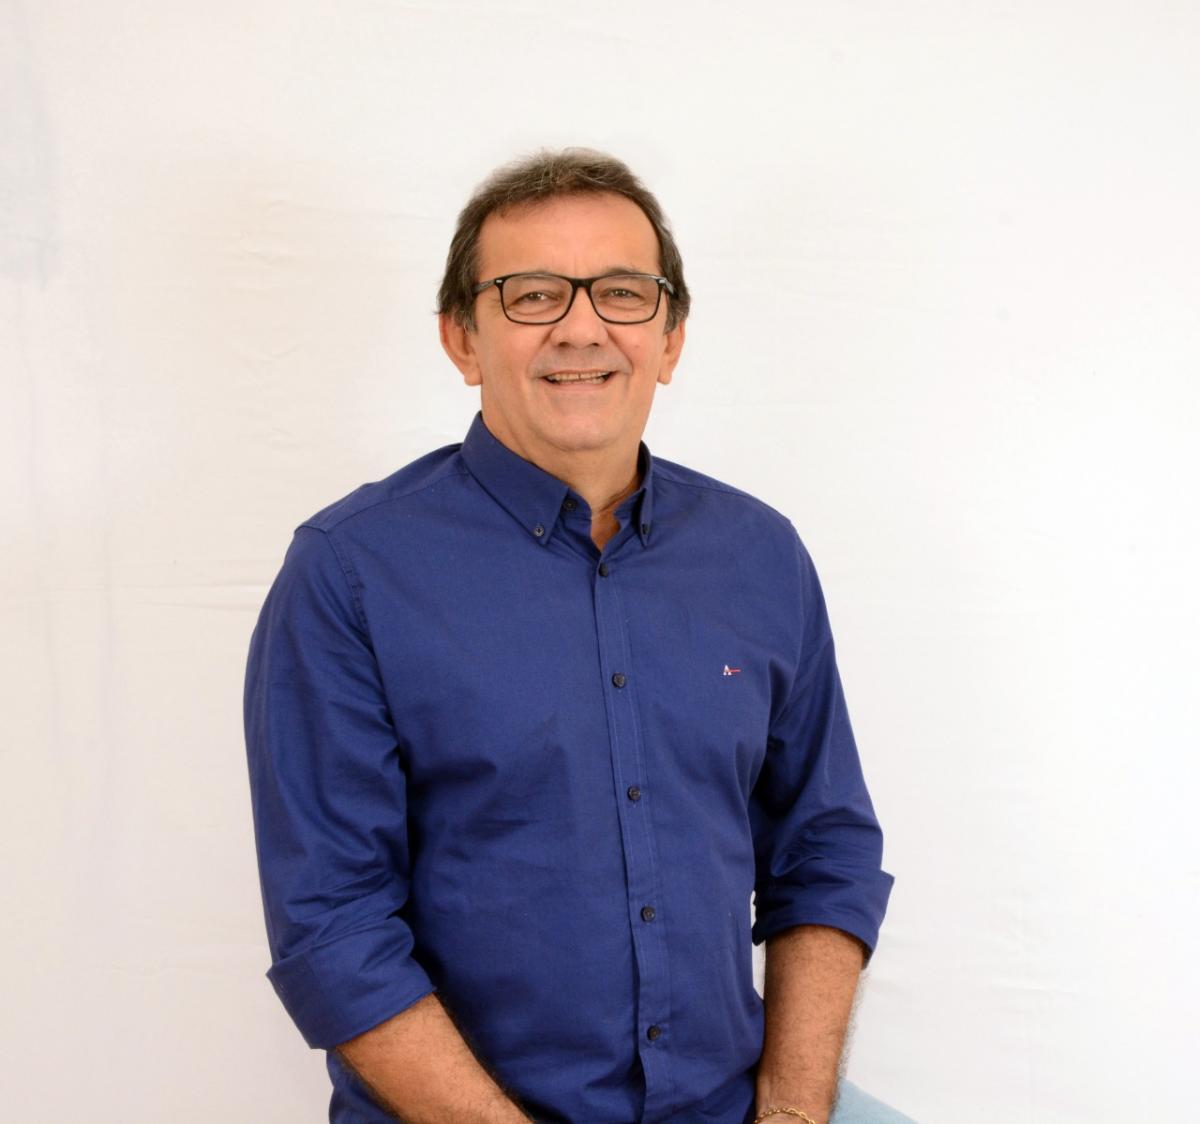 Henrique César lidera pesquisa eleitoral em Alto Longá